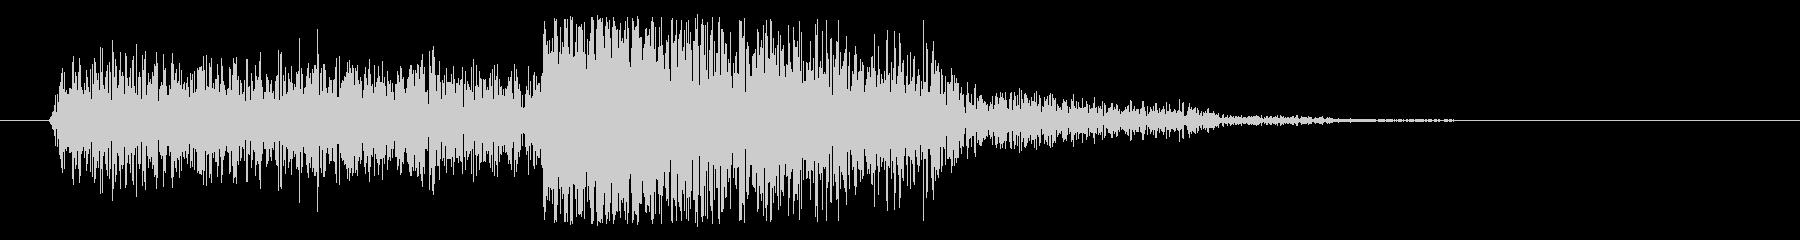 【ギター攻撃(弱)】パワーコードの未再生の波形